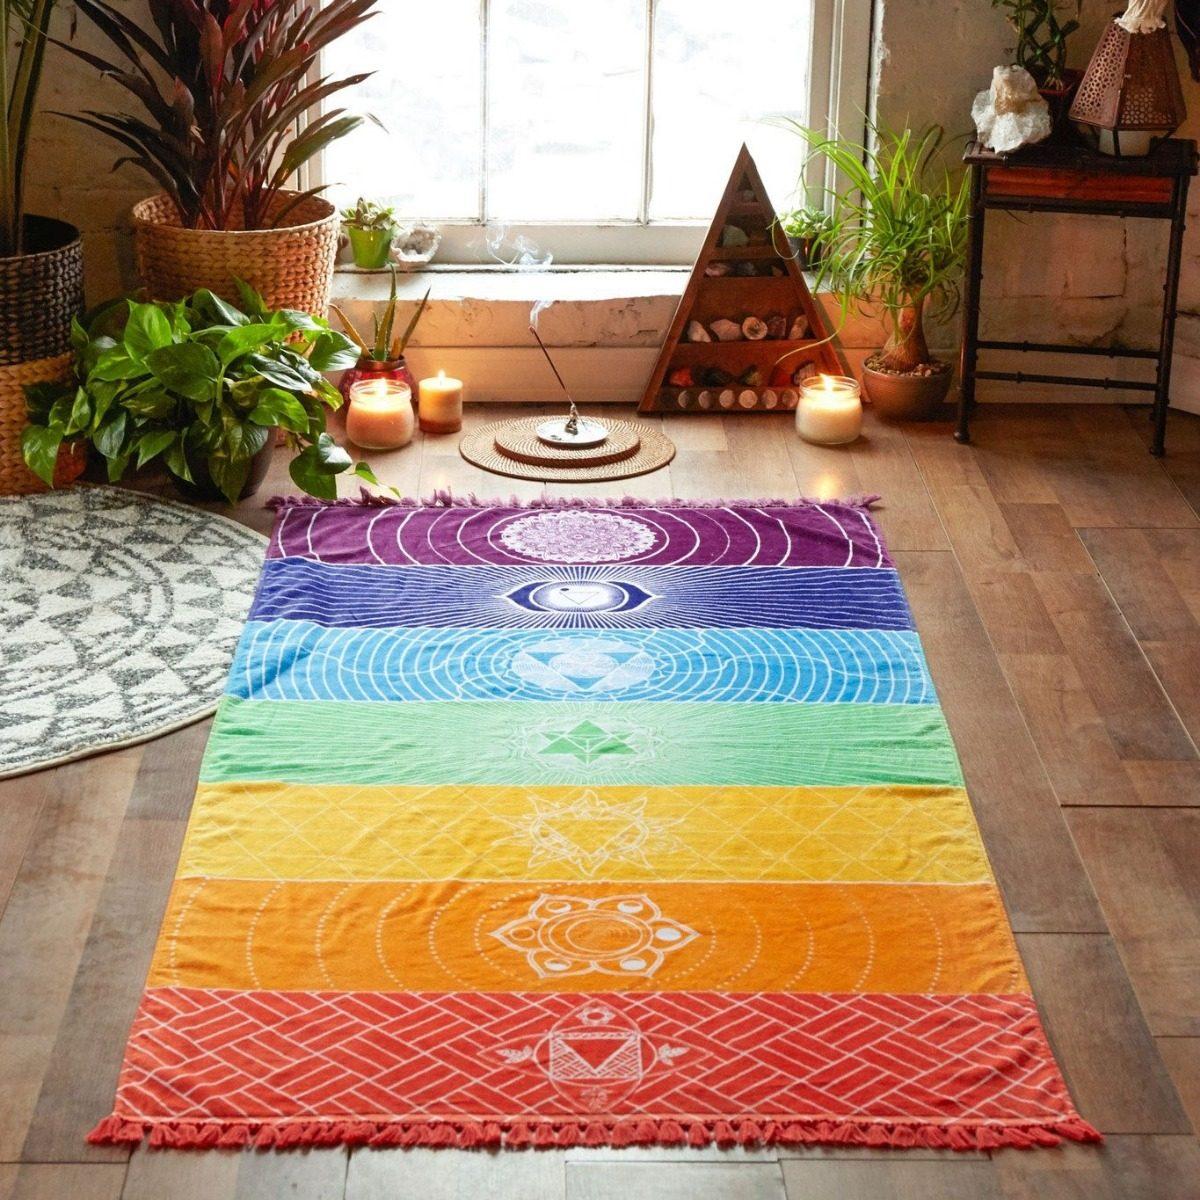 038e533ef6 canga tapete yoga mat chakra poliéster meditação mandala zen. Carregando  zoom.